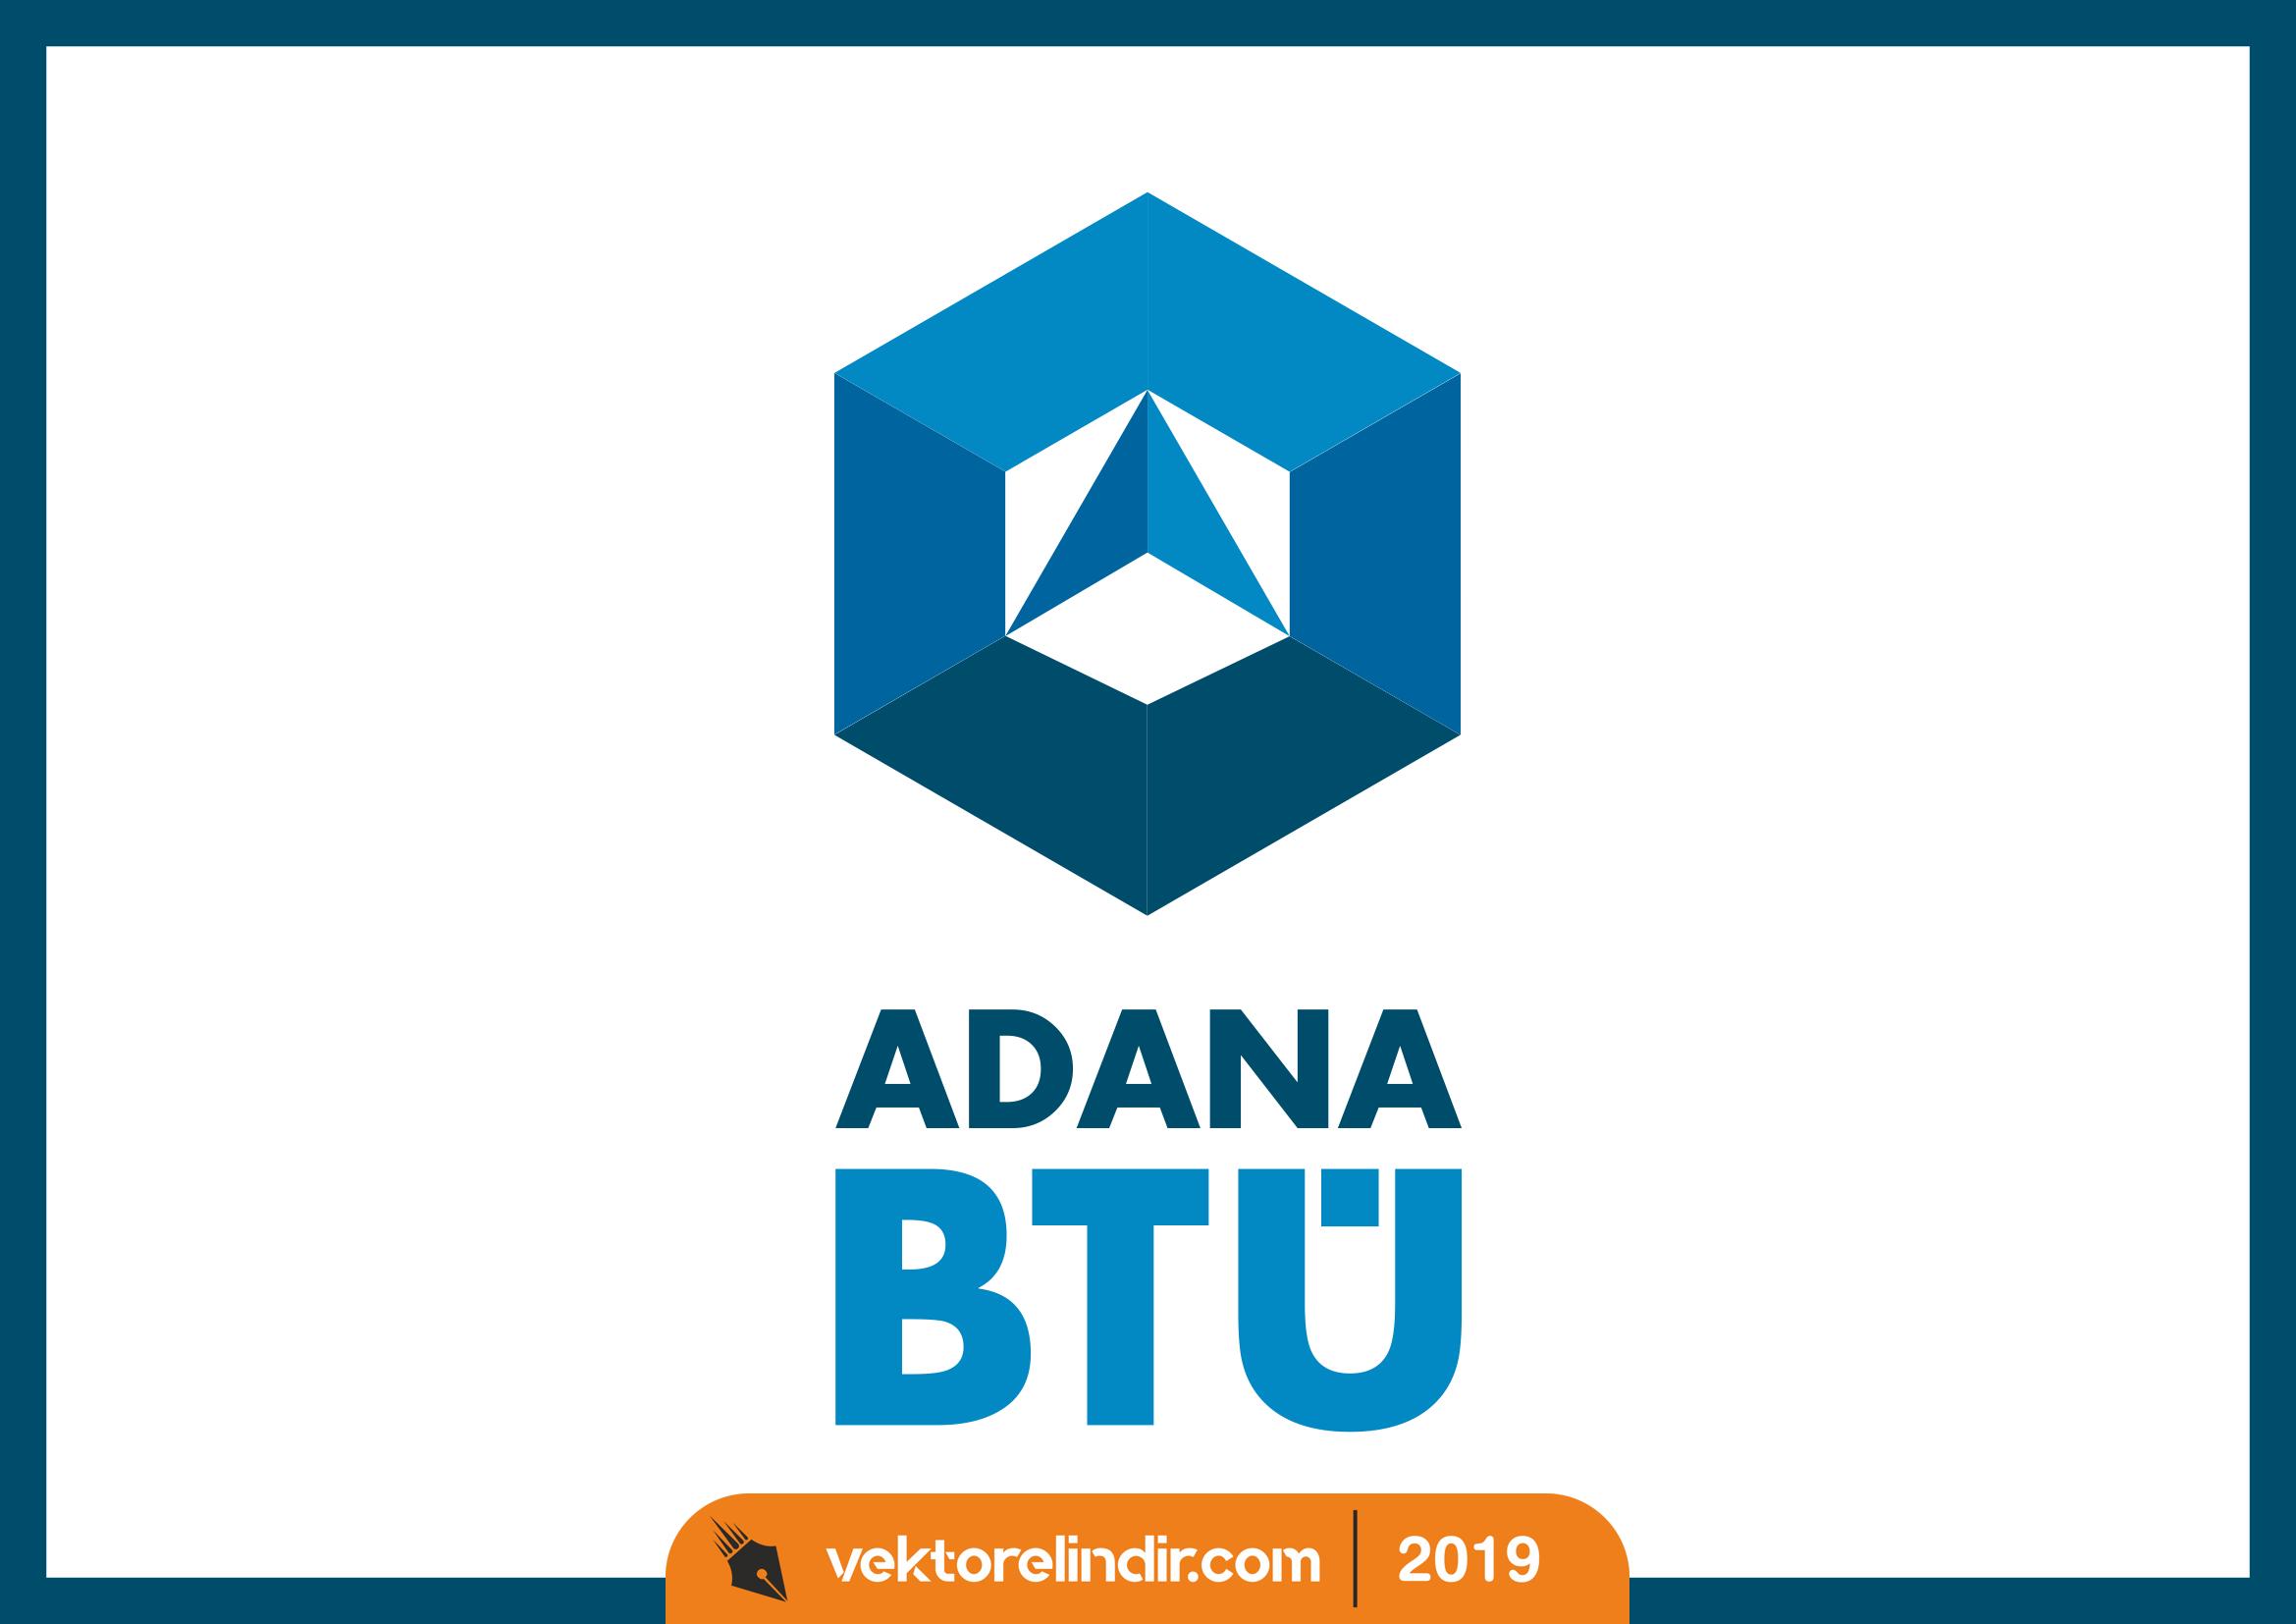 Adana Btü, Adana Bilim ve Teknoloji Üniversitesi Logo, Amblem